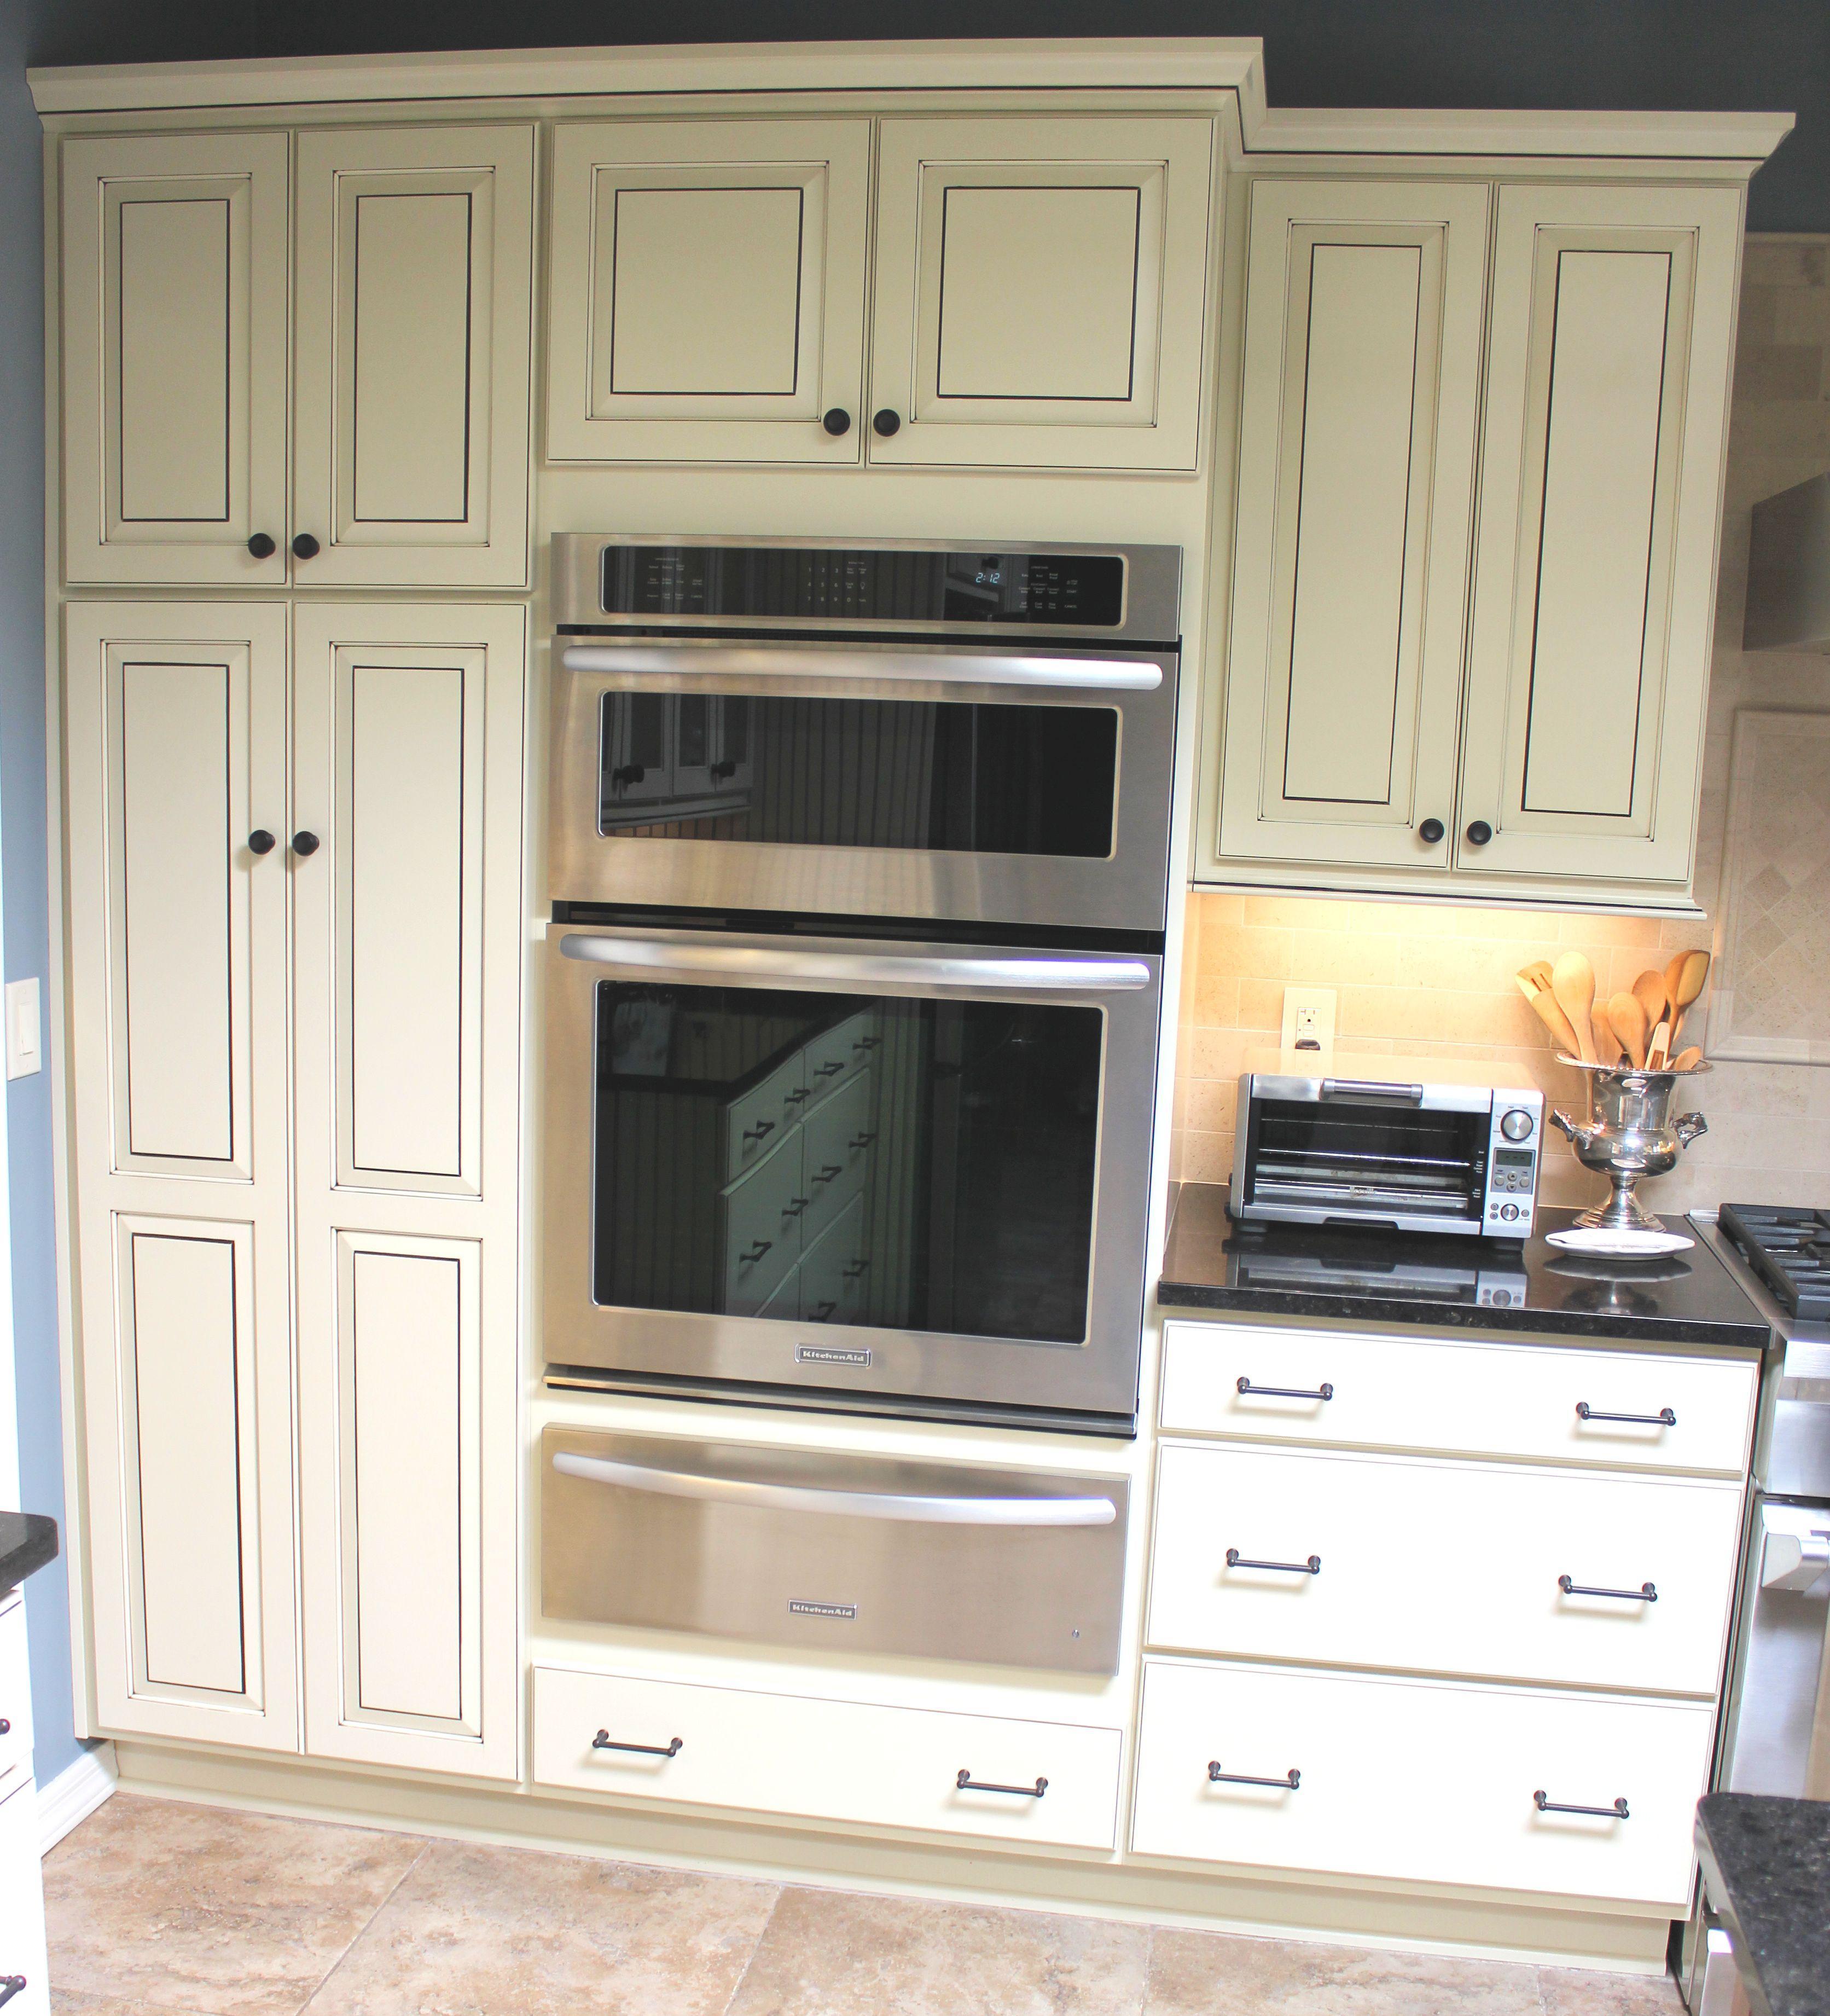 Kitchen Concepts image 10